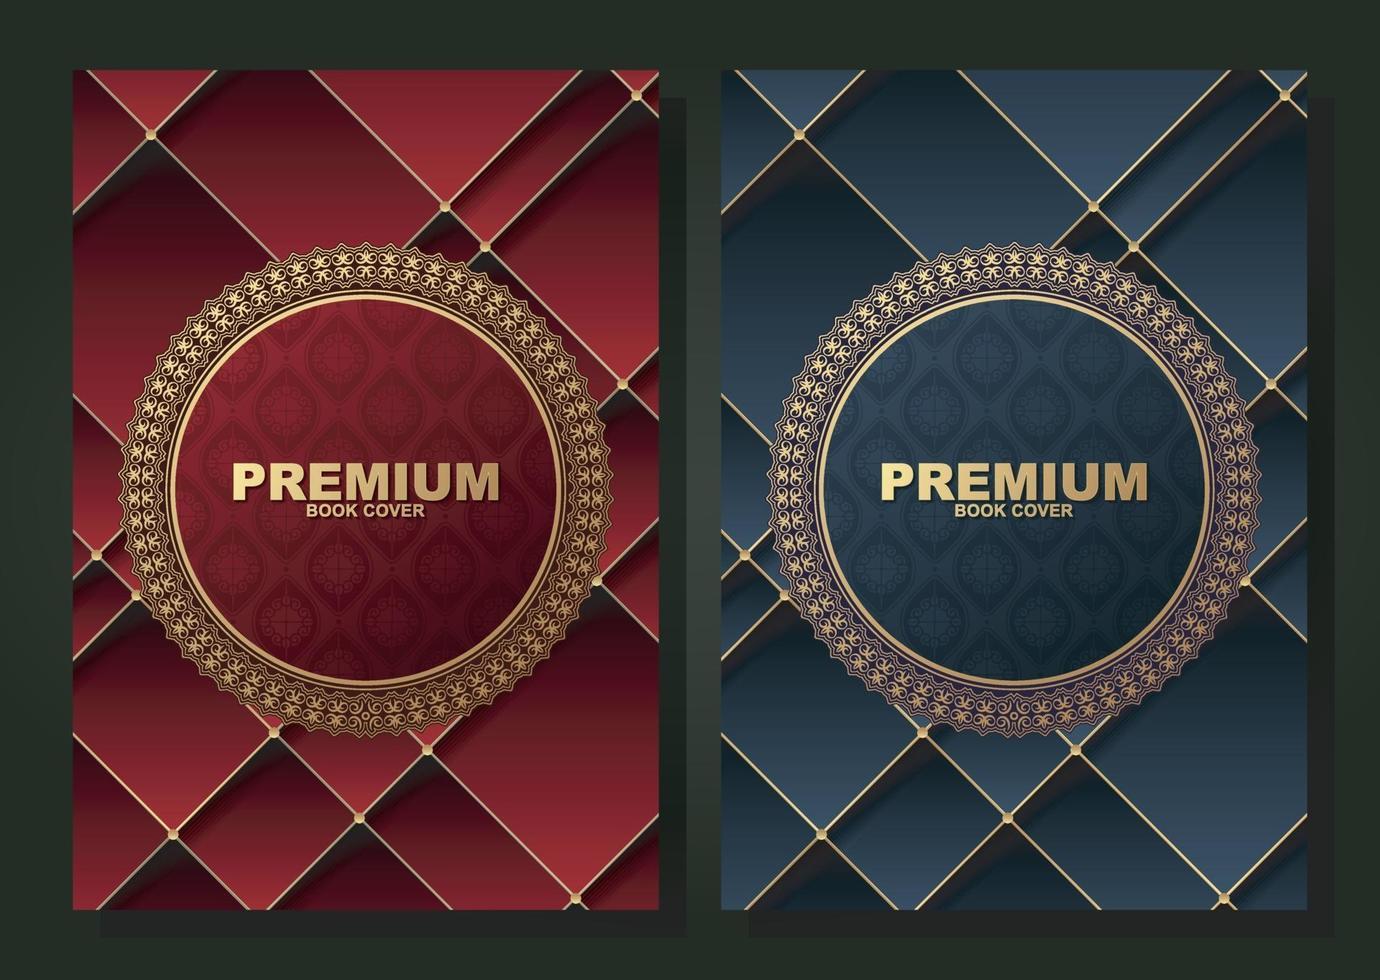 coleção de design de capa de livro de círculo de fronteira de luxo vetor